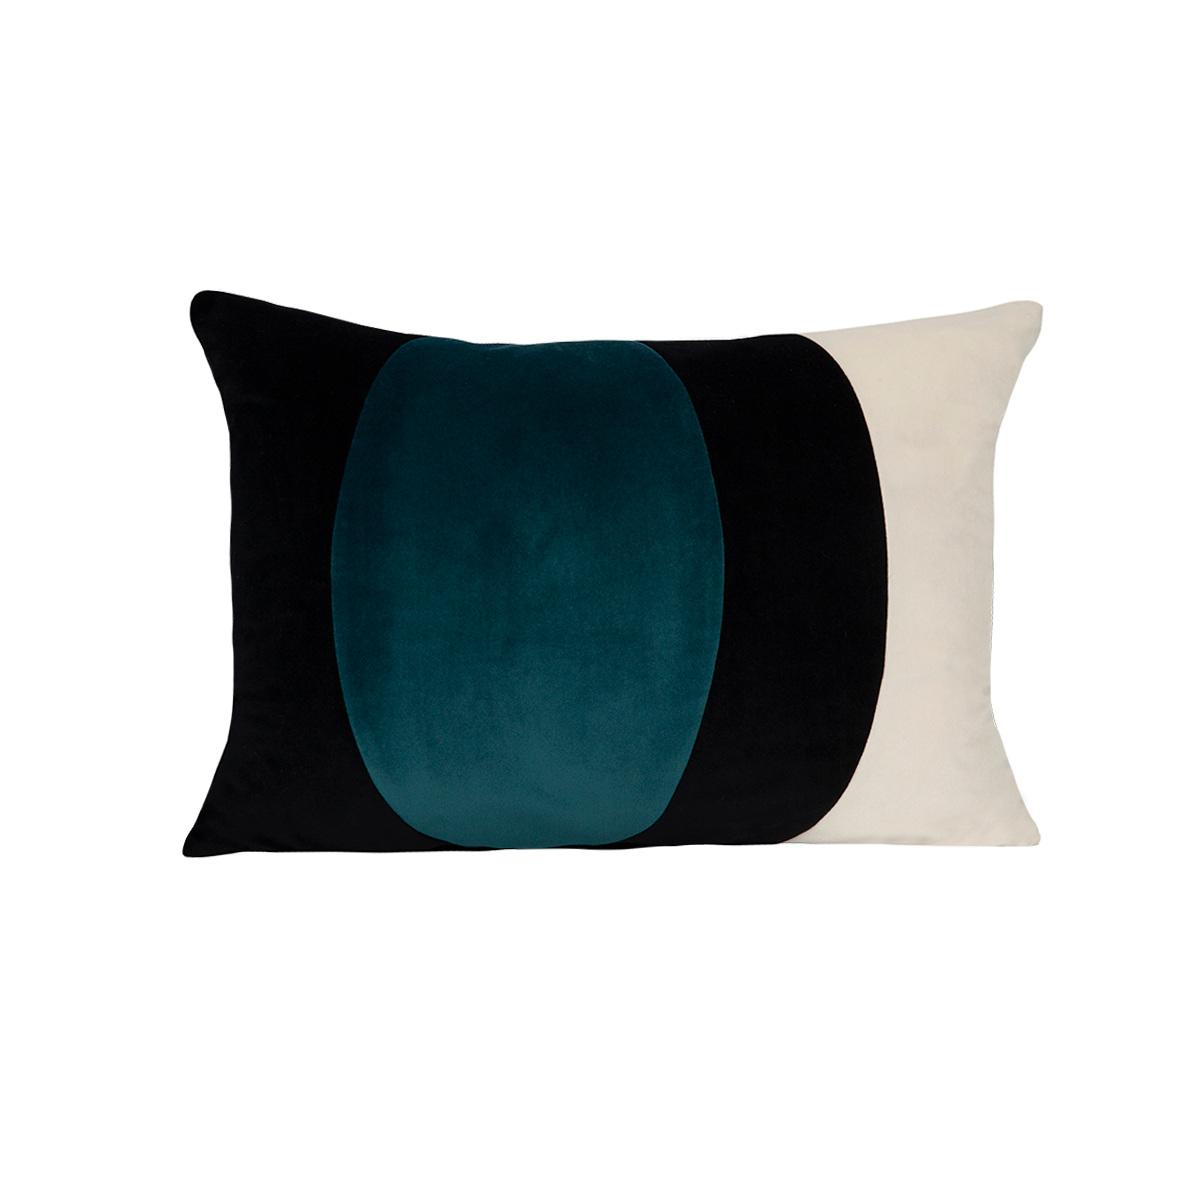 Lune Cushion